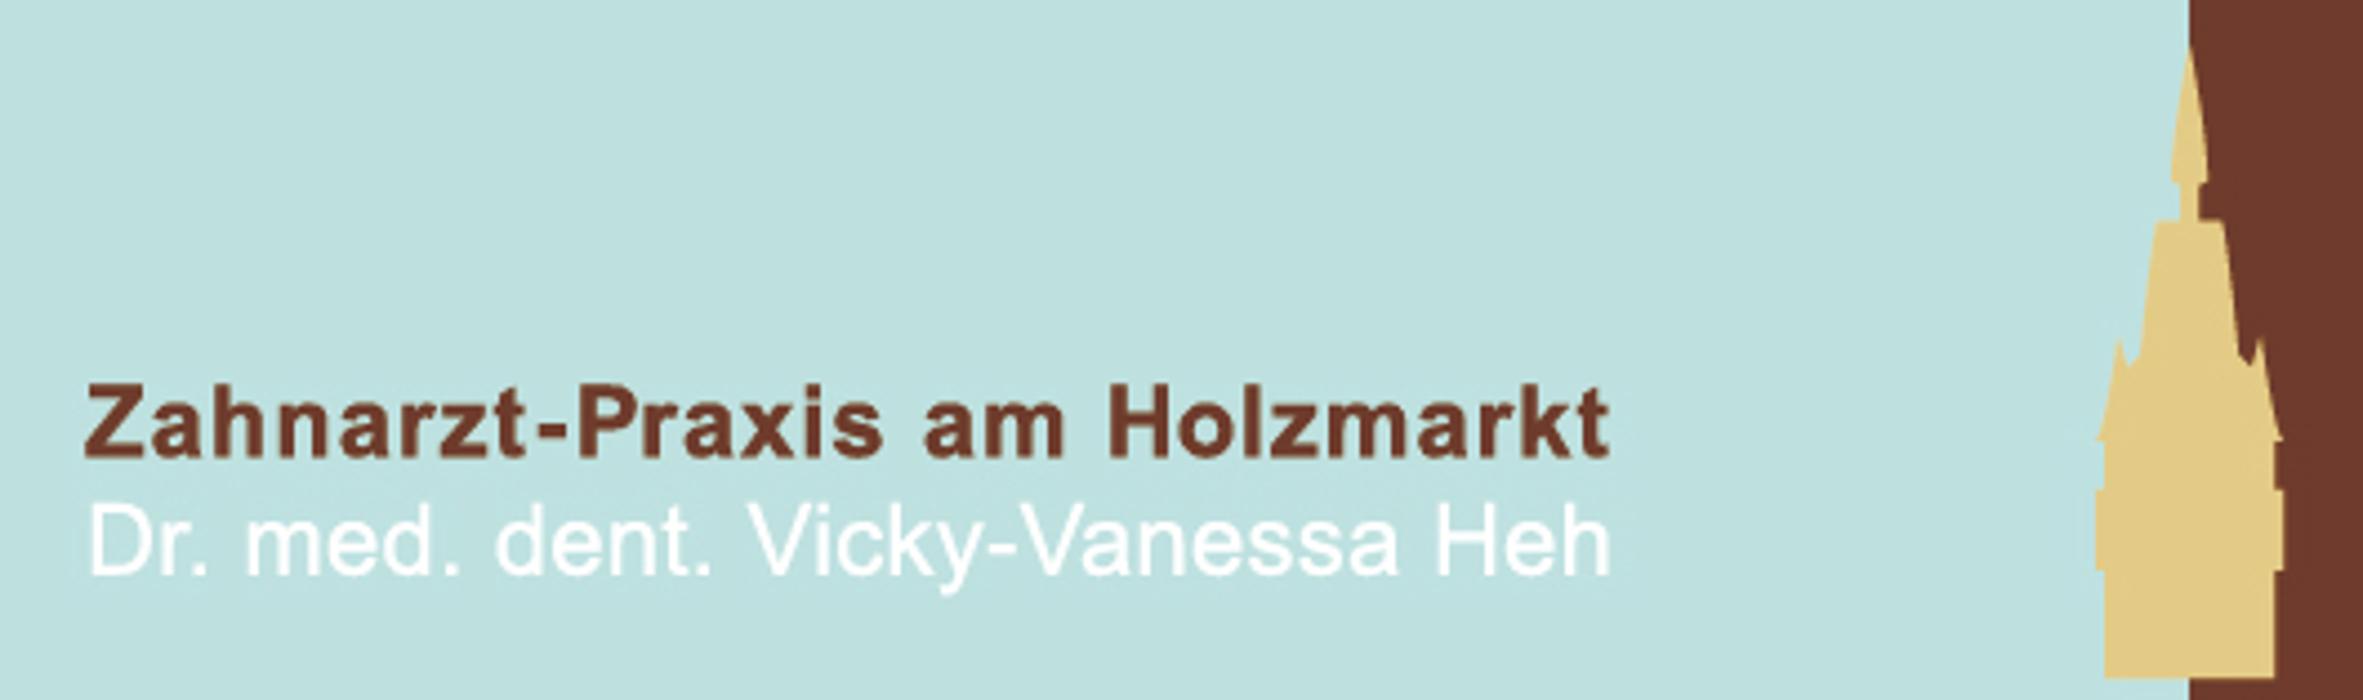 Dr. med. dent. Vicky-Vanessa-Heh Zahnarzt-Praxis am Holzmarkt